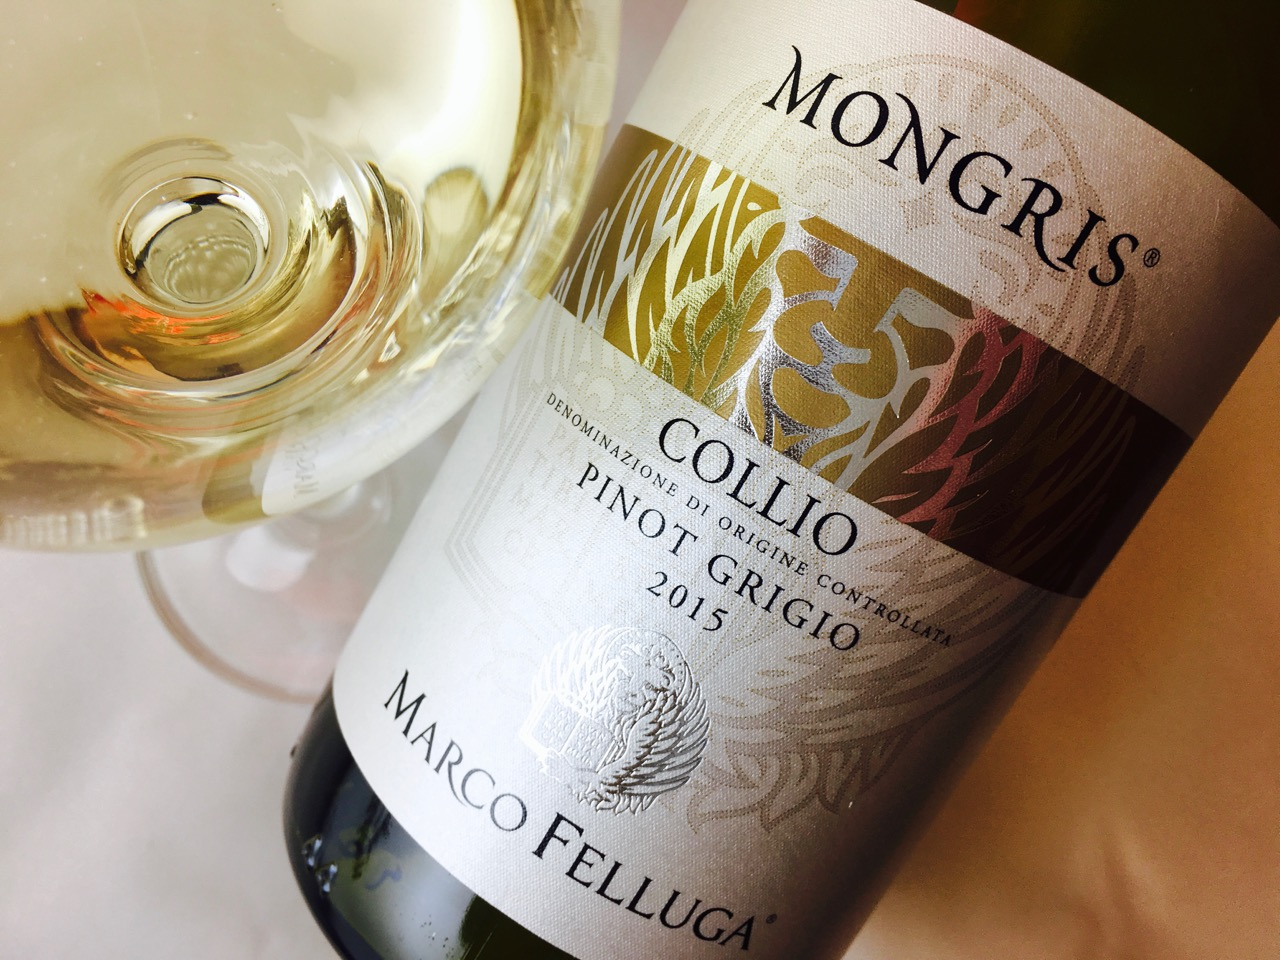 2015 Marco Felluga Pinot Grigio Mongris Collio